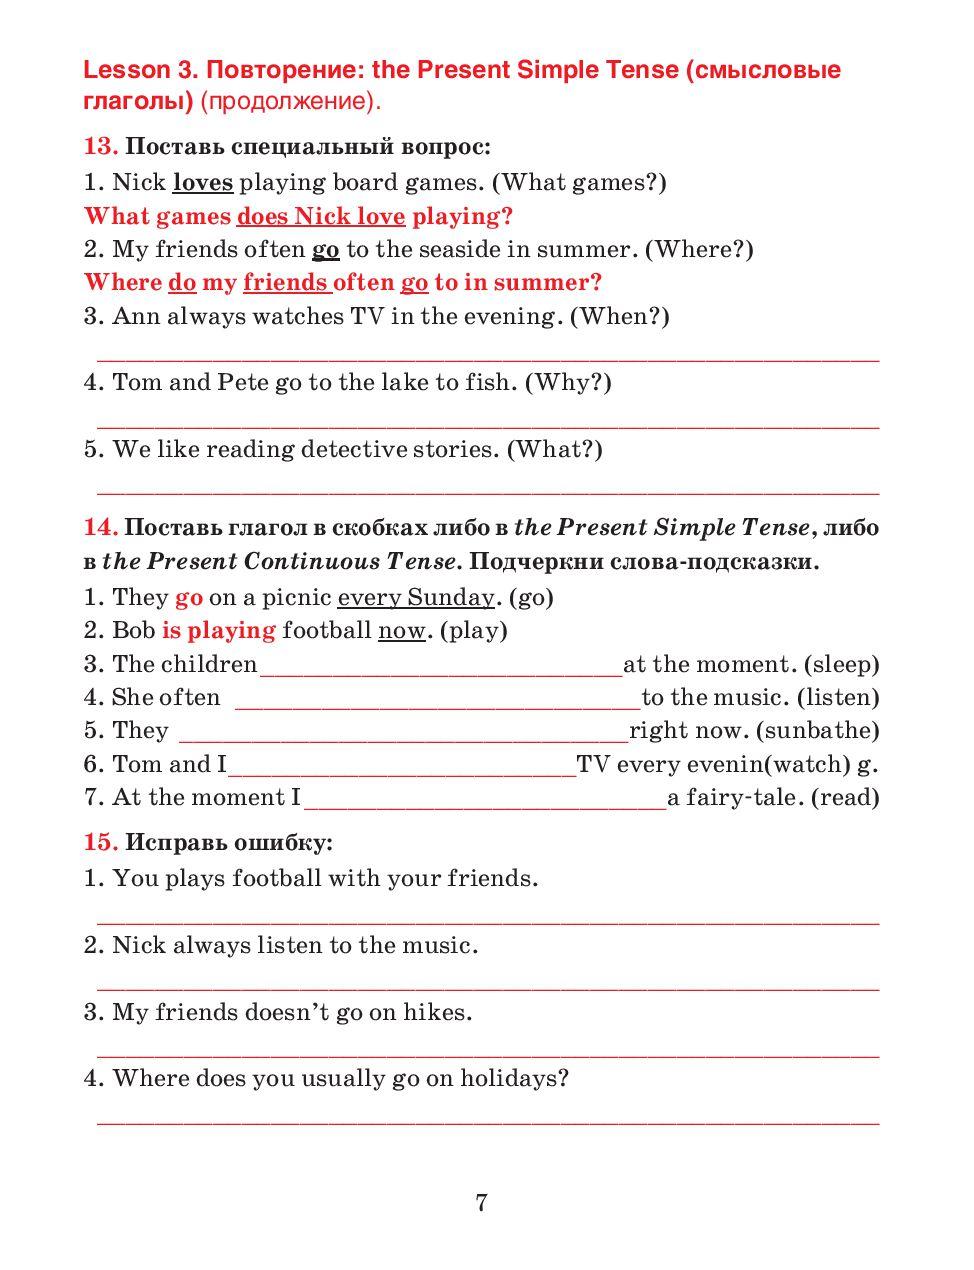 Рассказы на английском языке для 6 класса